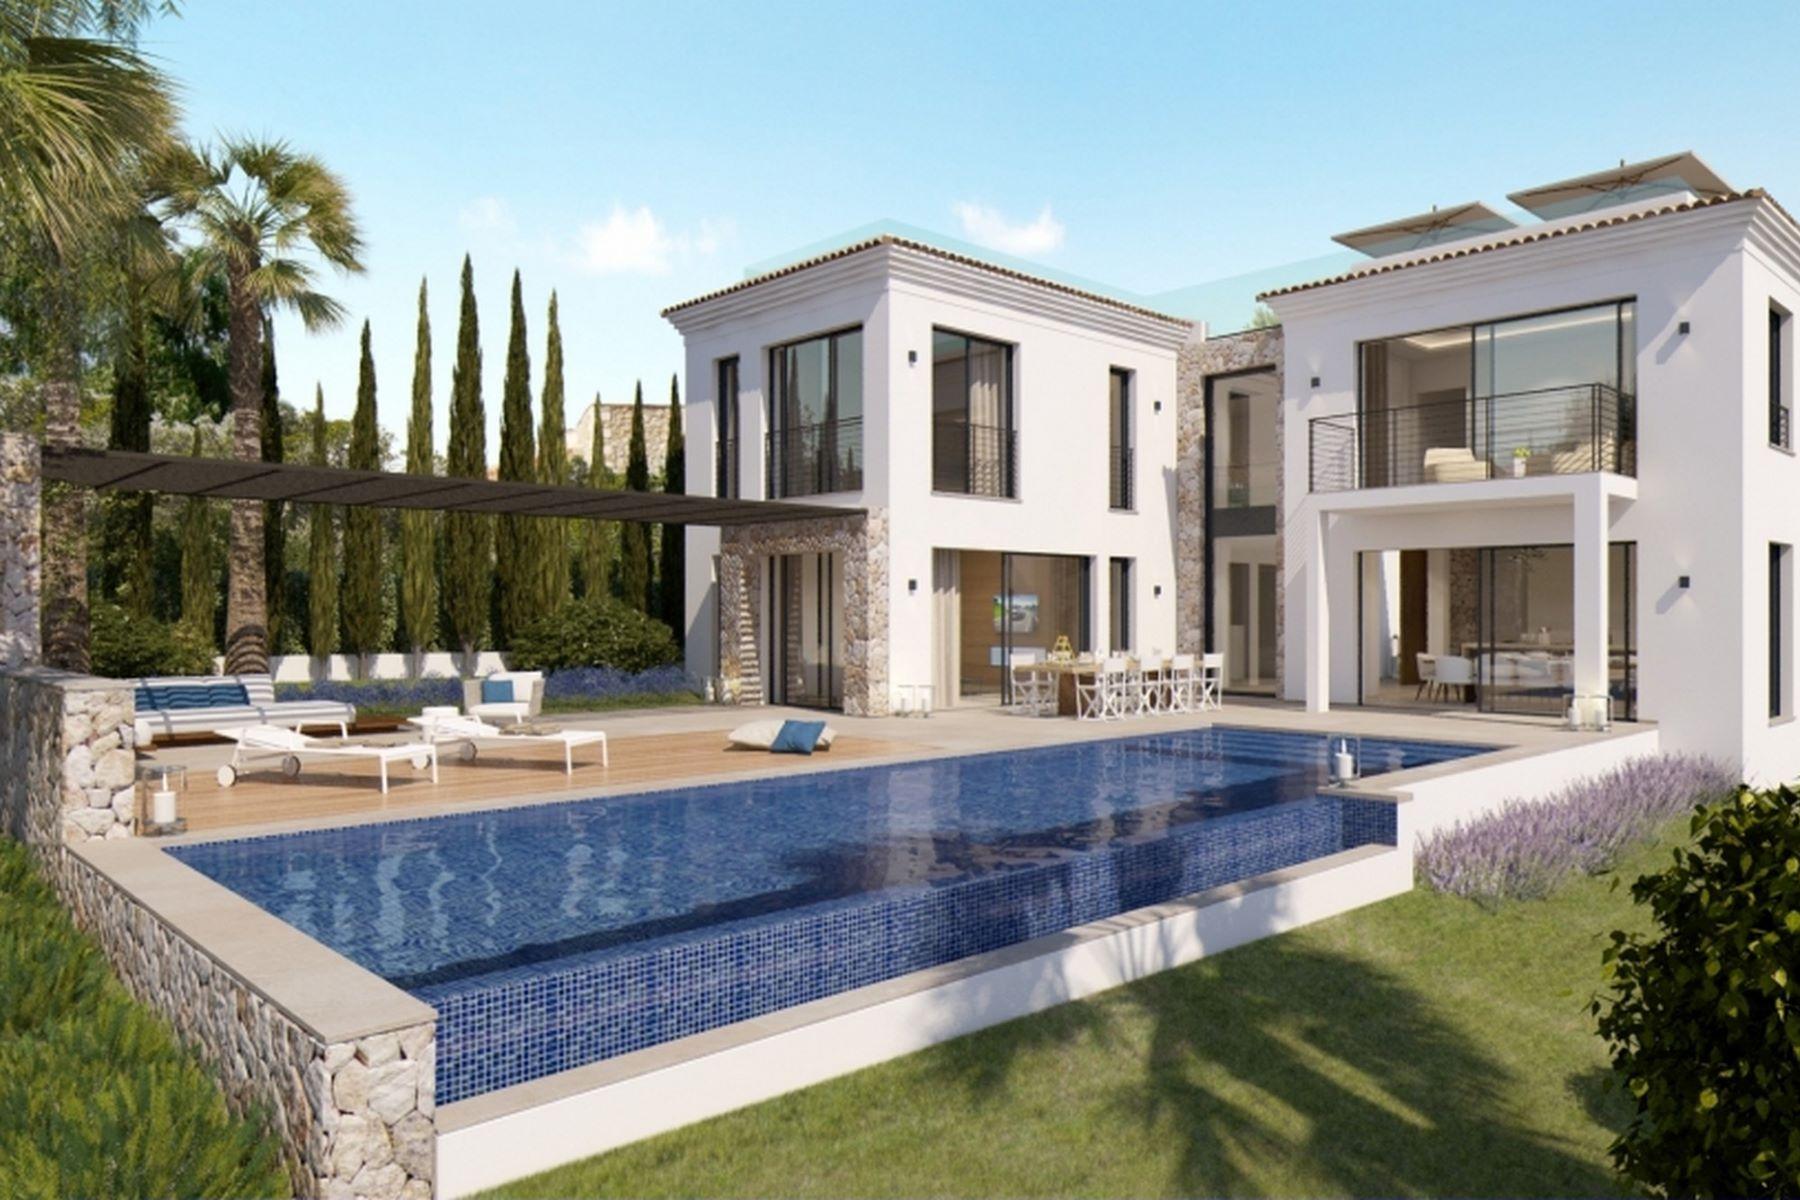 Single Family Home for Sale at Newly built villa very close to Port Adriano Nova Santa Ponsa, Mallorca Spain